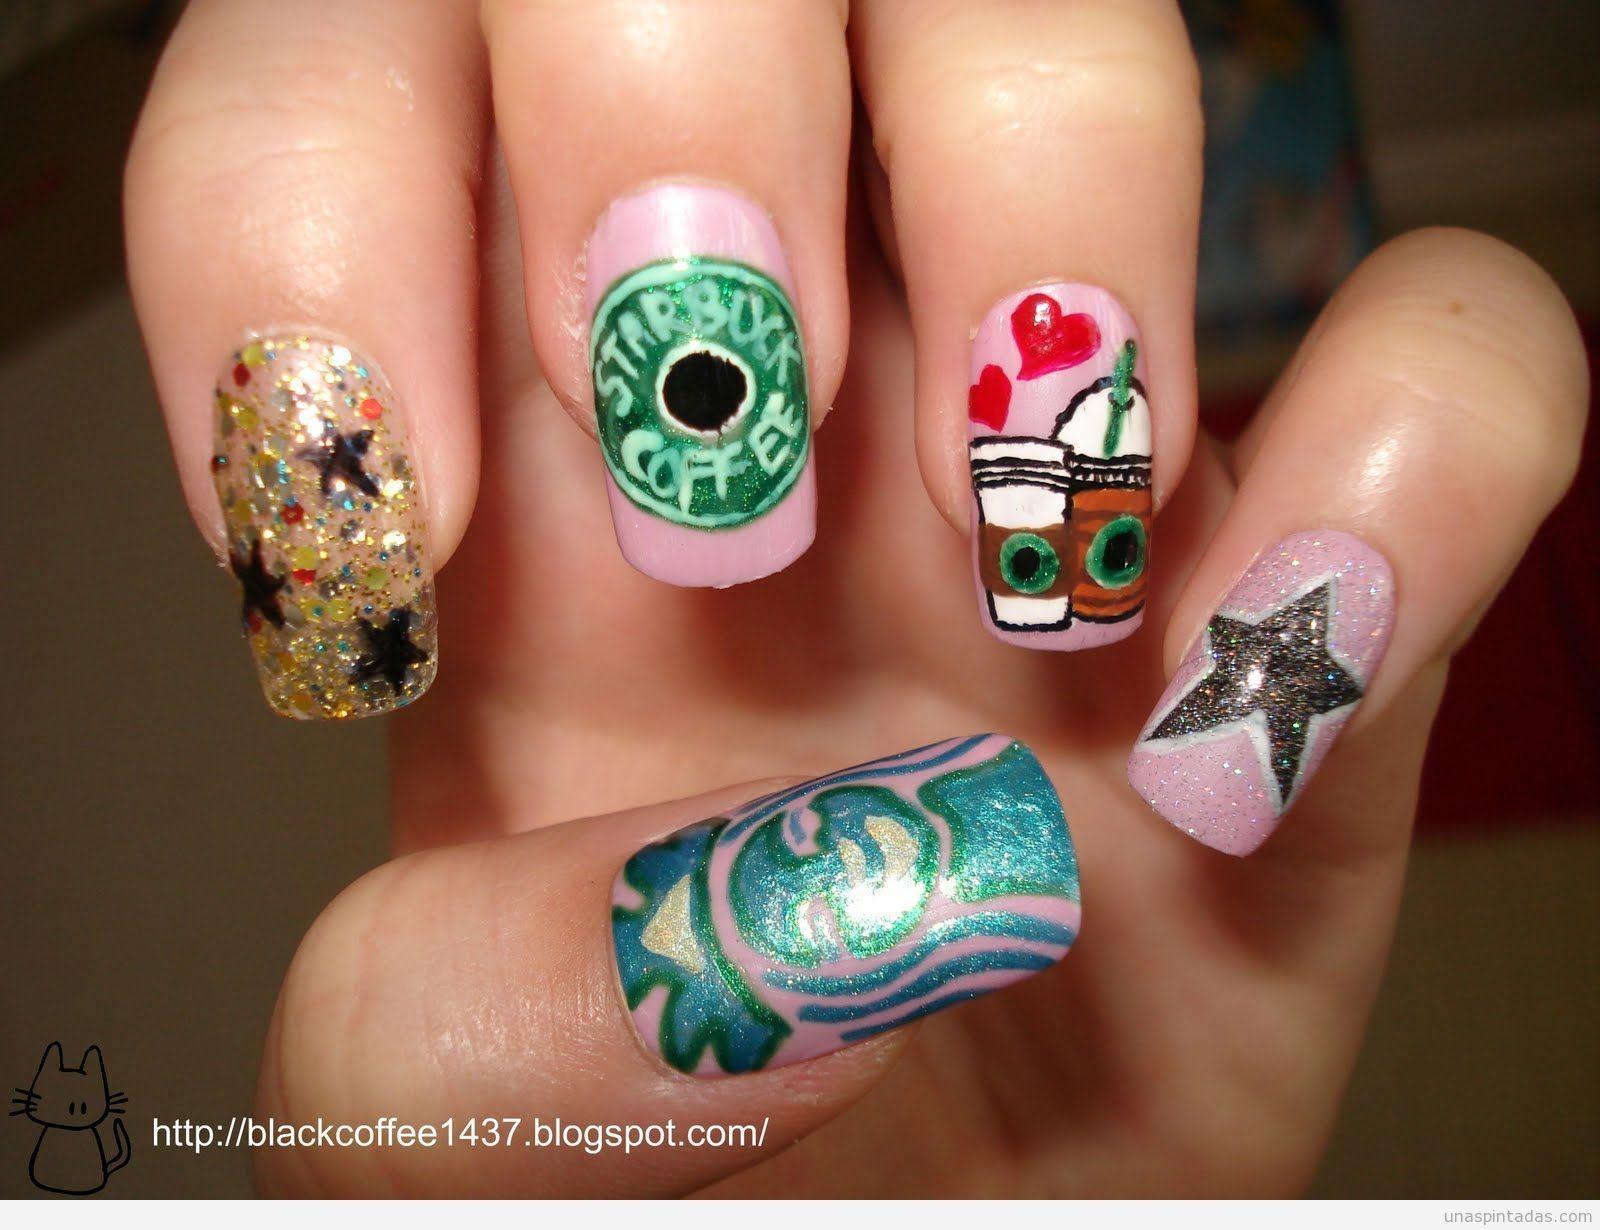 Diseño de uñas con dibujos inspirados en Starbucks